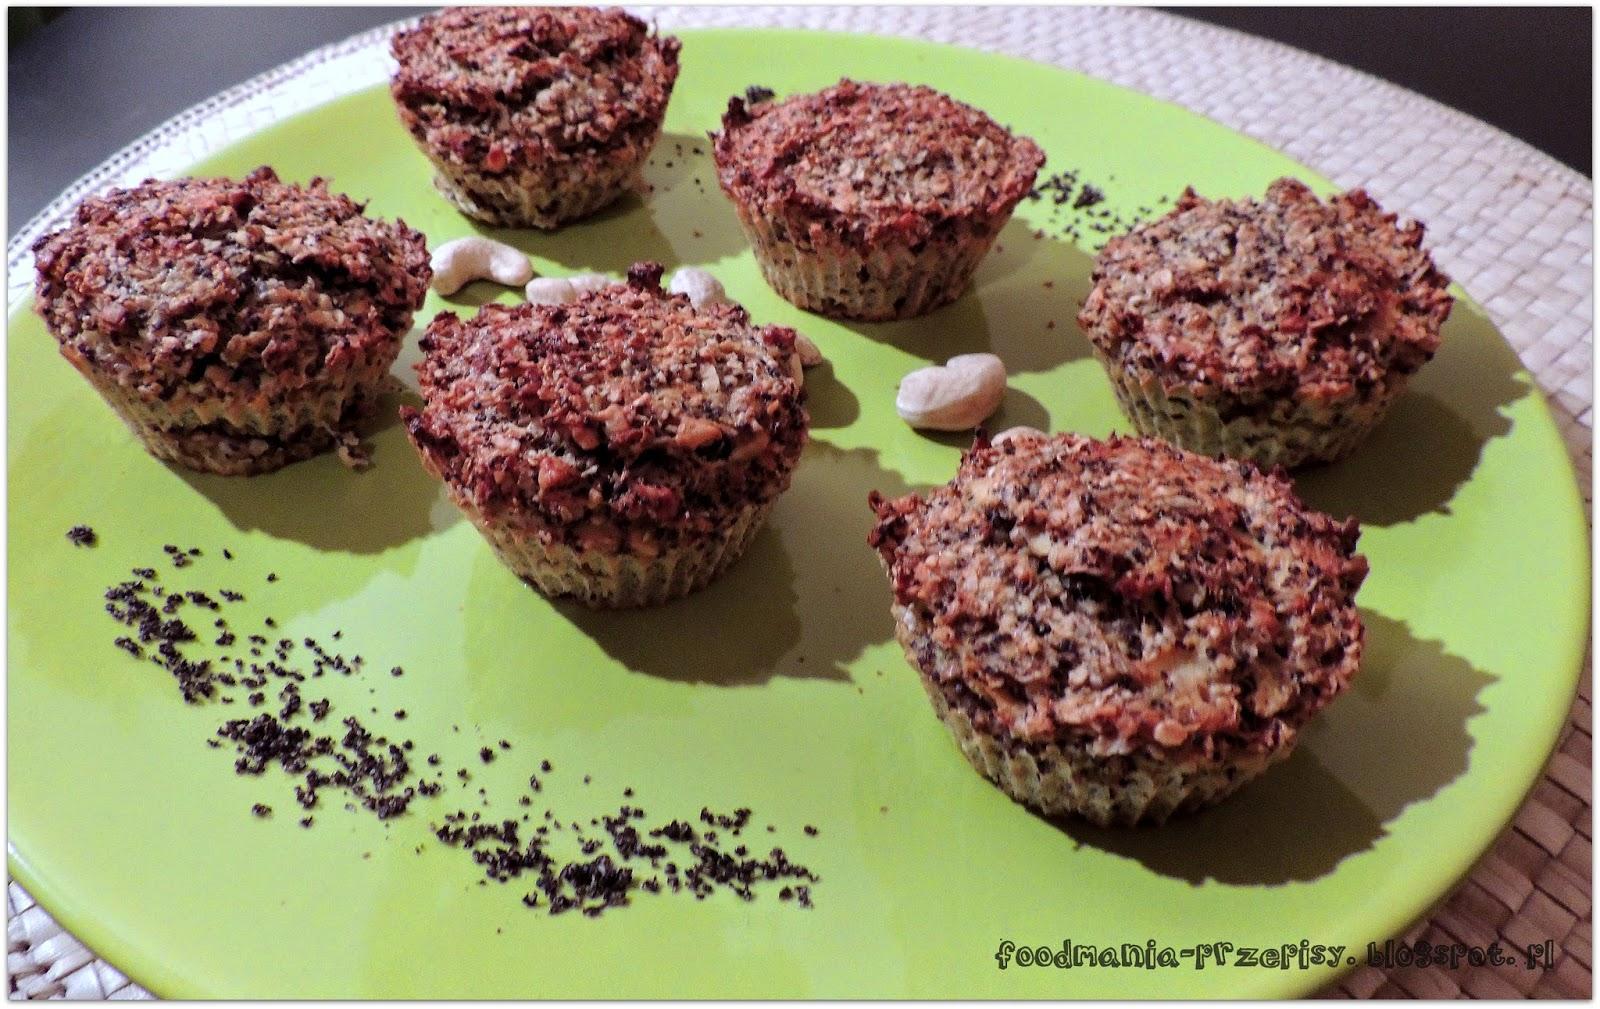 http://foodmania-przepisy.blogspot.com/2014/01/muffiny-otrebowe-z-makiem.html